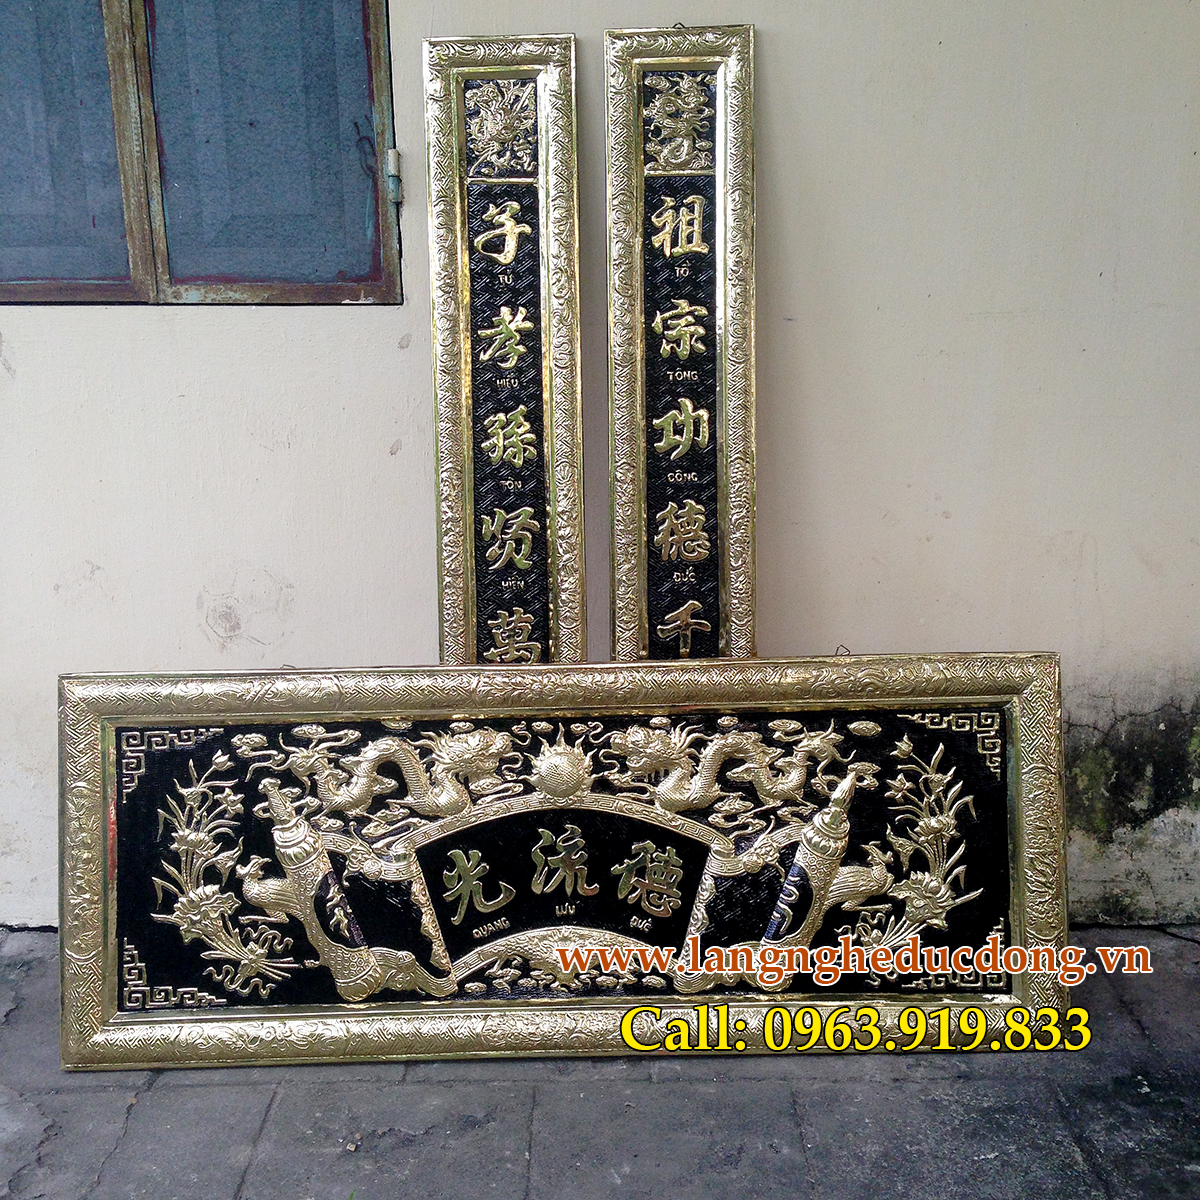 langngheducdong.vn - đại tự khung đồng 1m55, giá bán đại tự câu đối, đại tự câu đối bằng đồng